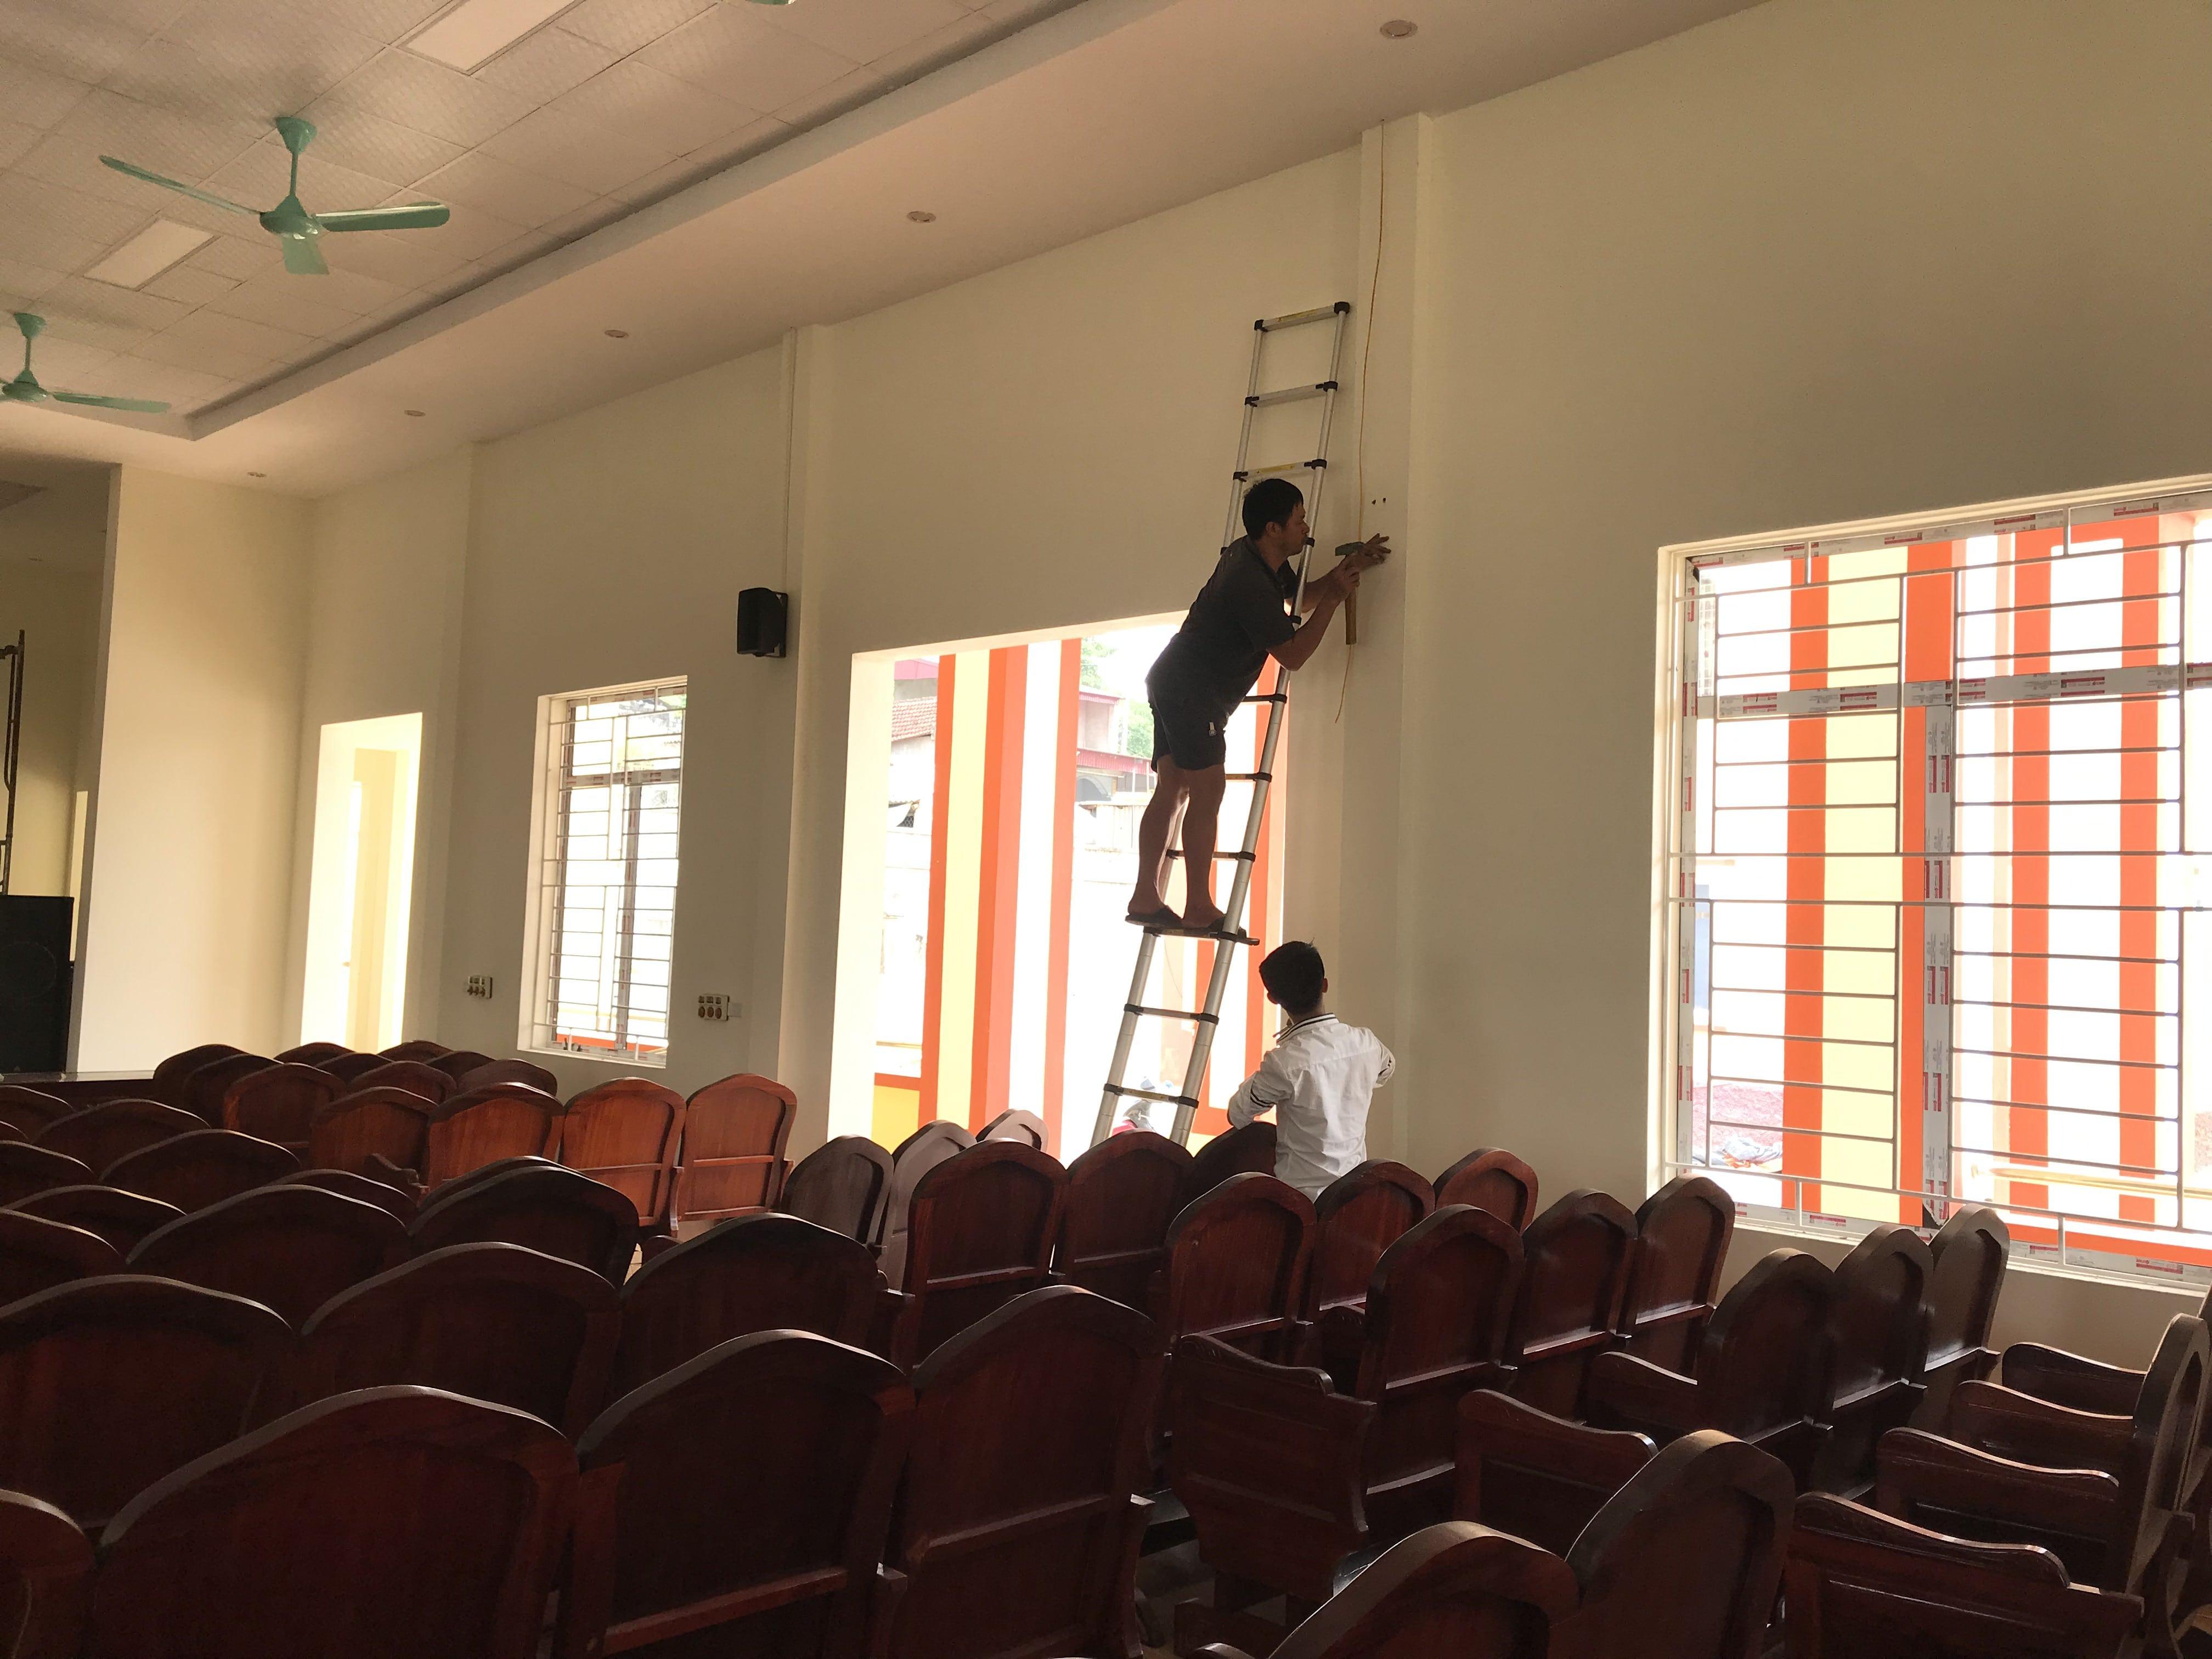 Kỹ sư âm thanh của Lạc Việt Audio đang lắp đặt thiết bị